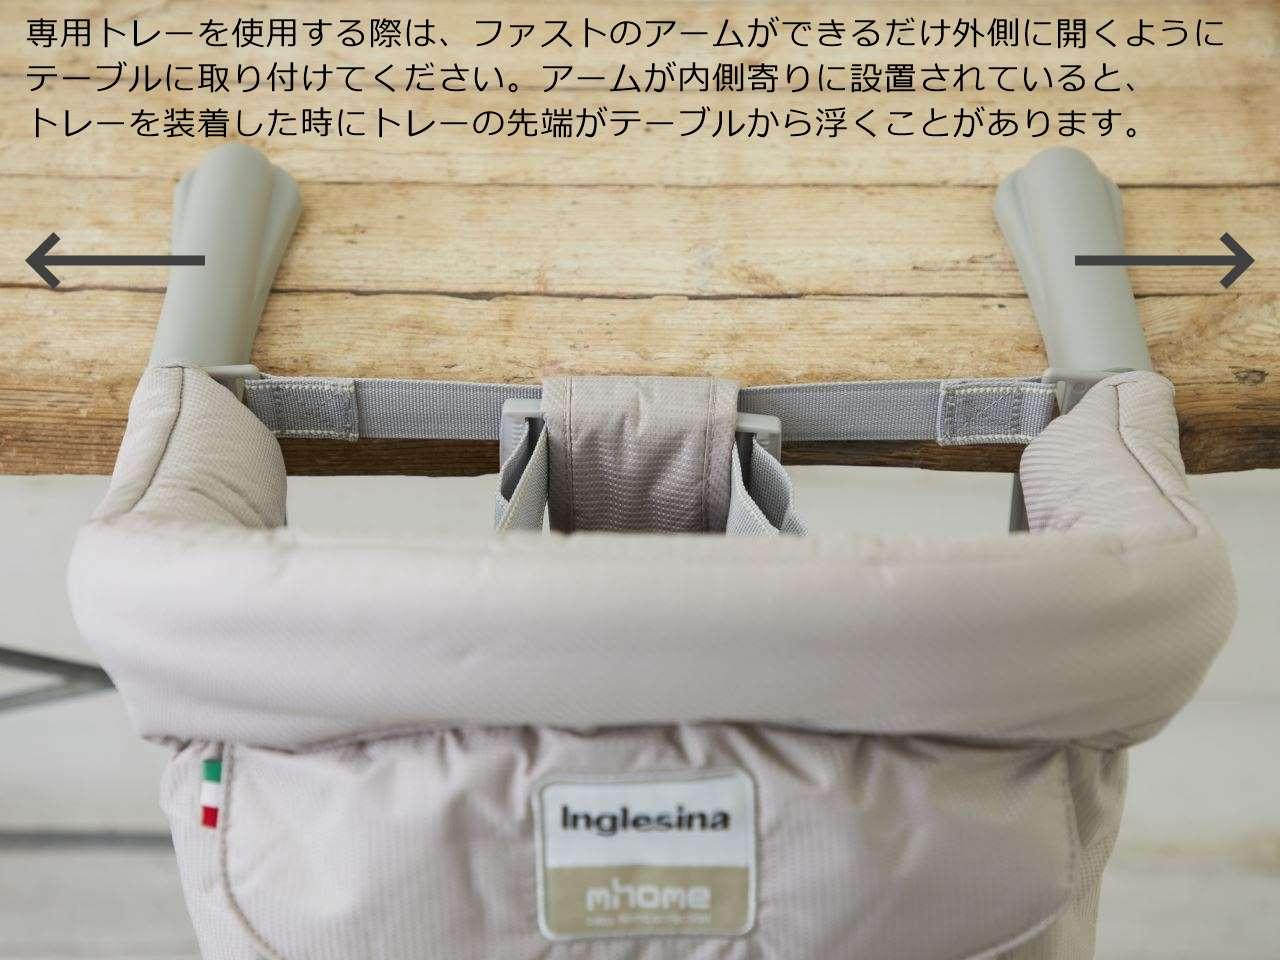 イングリッシーナ ファスト用トレー【最短翌日発送】